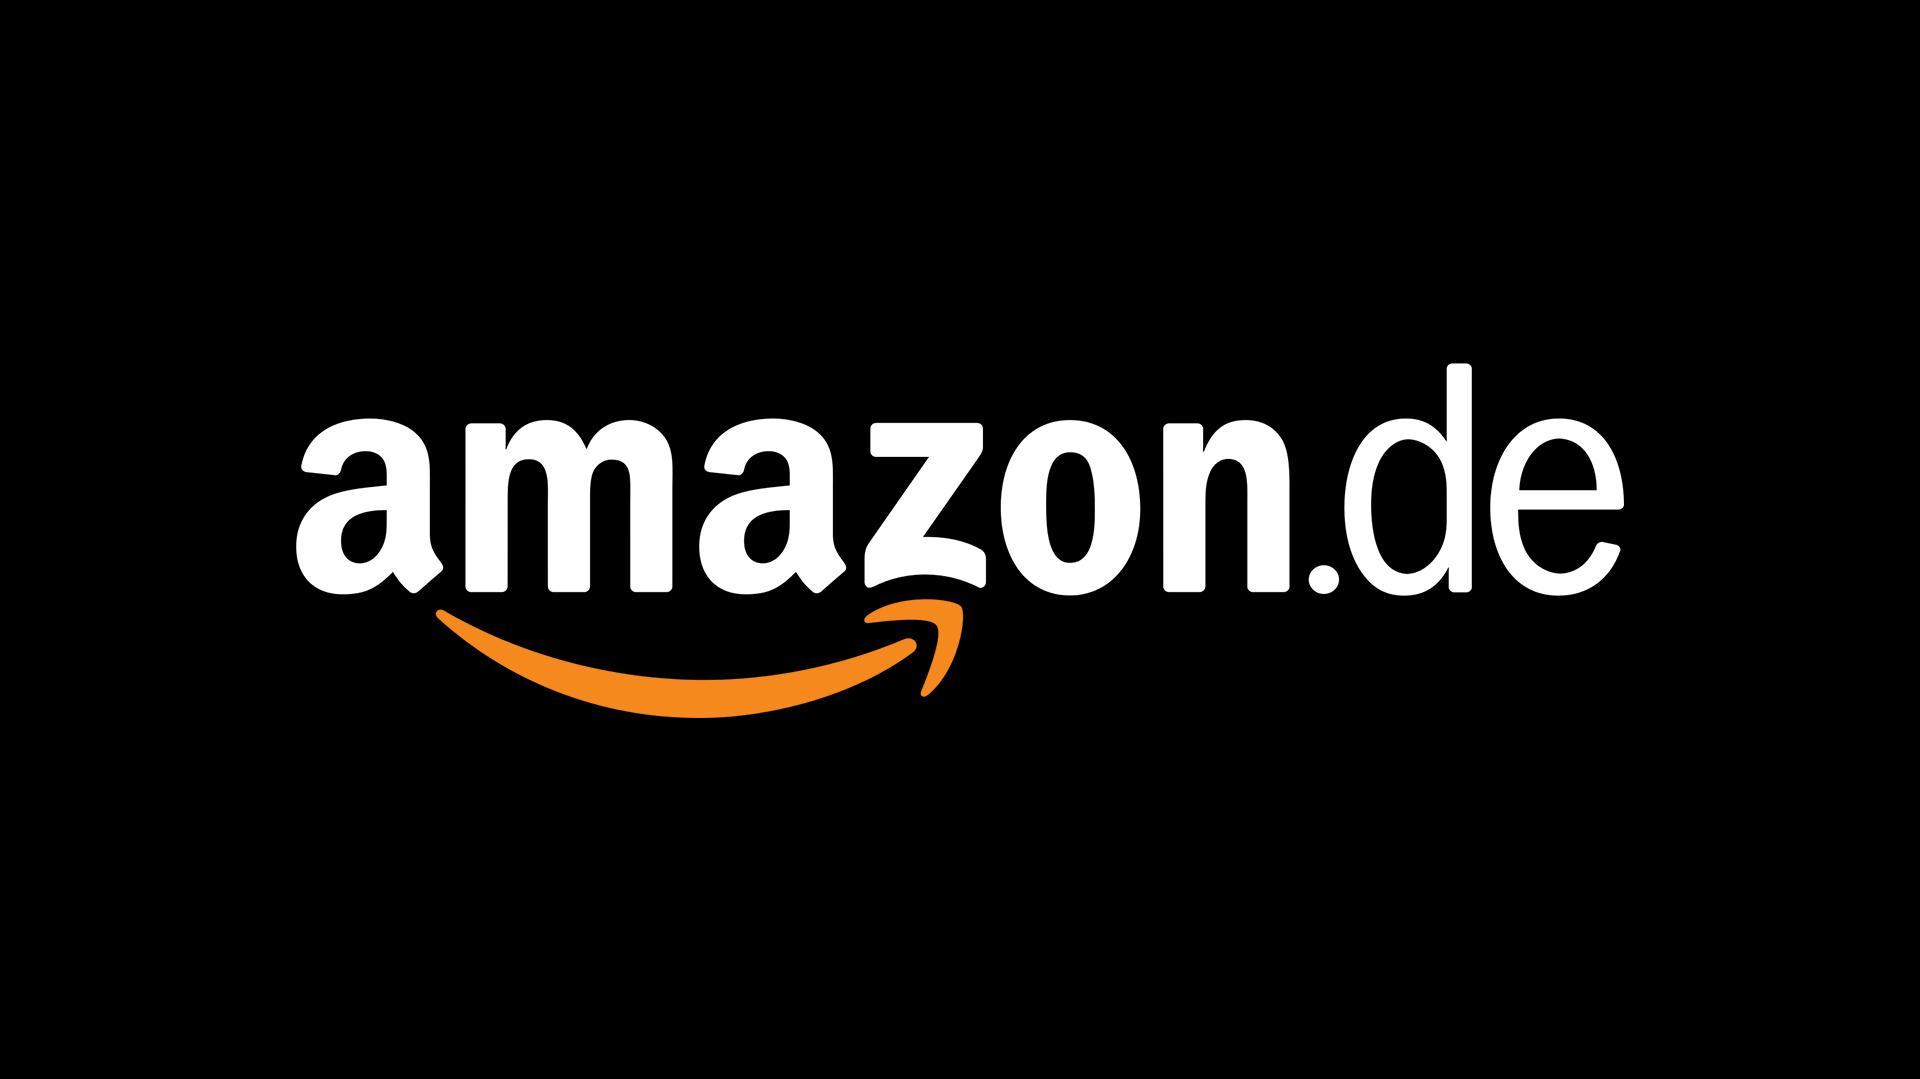 70a8fe3ee65a8d Amazon-Konto aufladen - so geht's